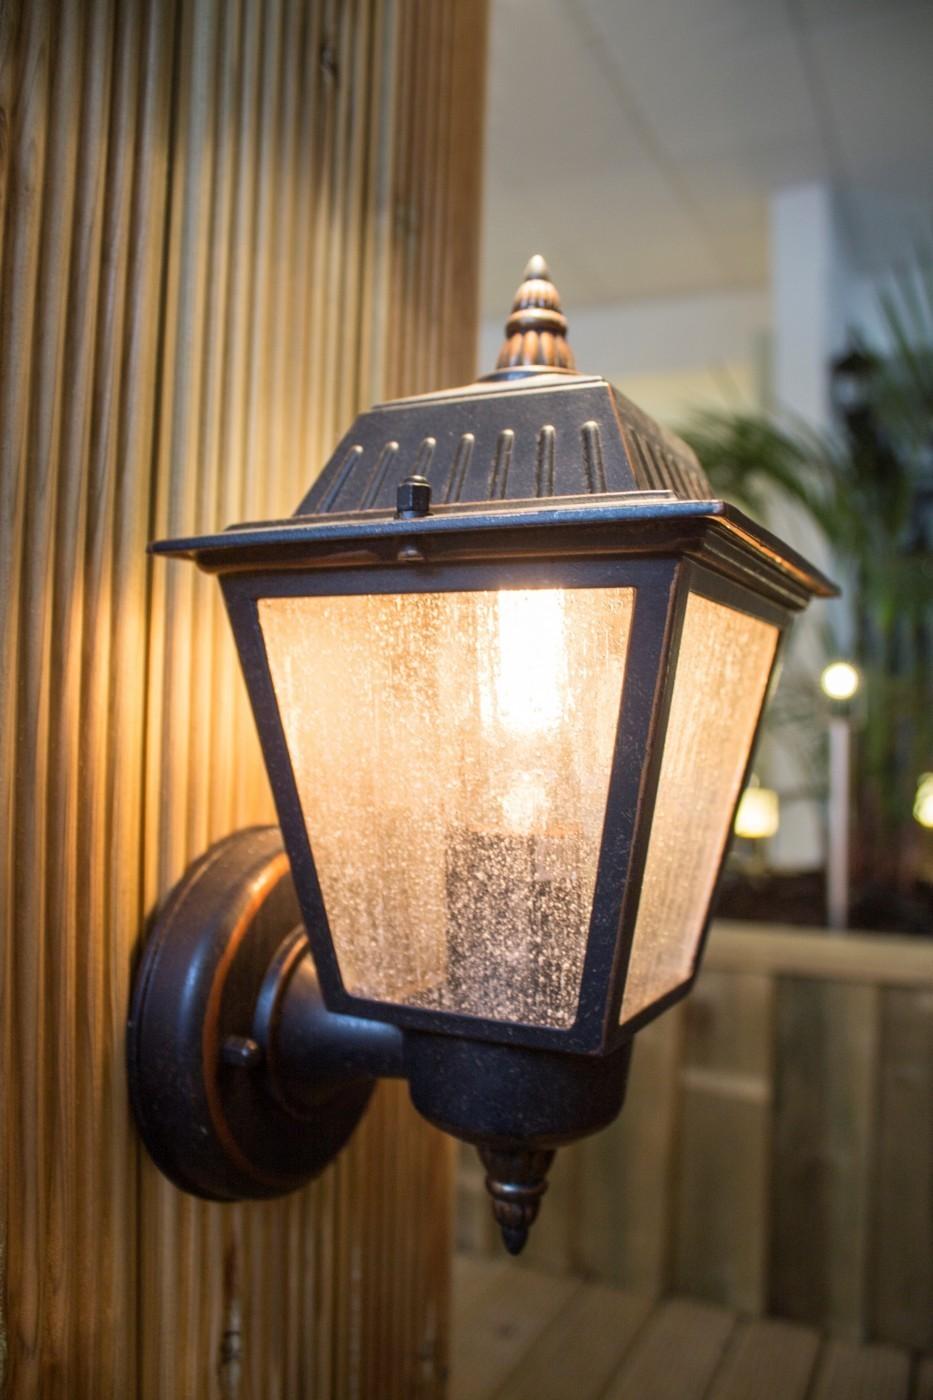 Lampy do altany ogrodowej, co wybrać?